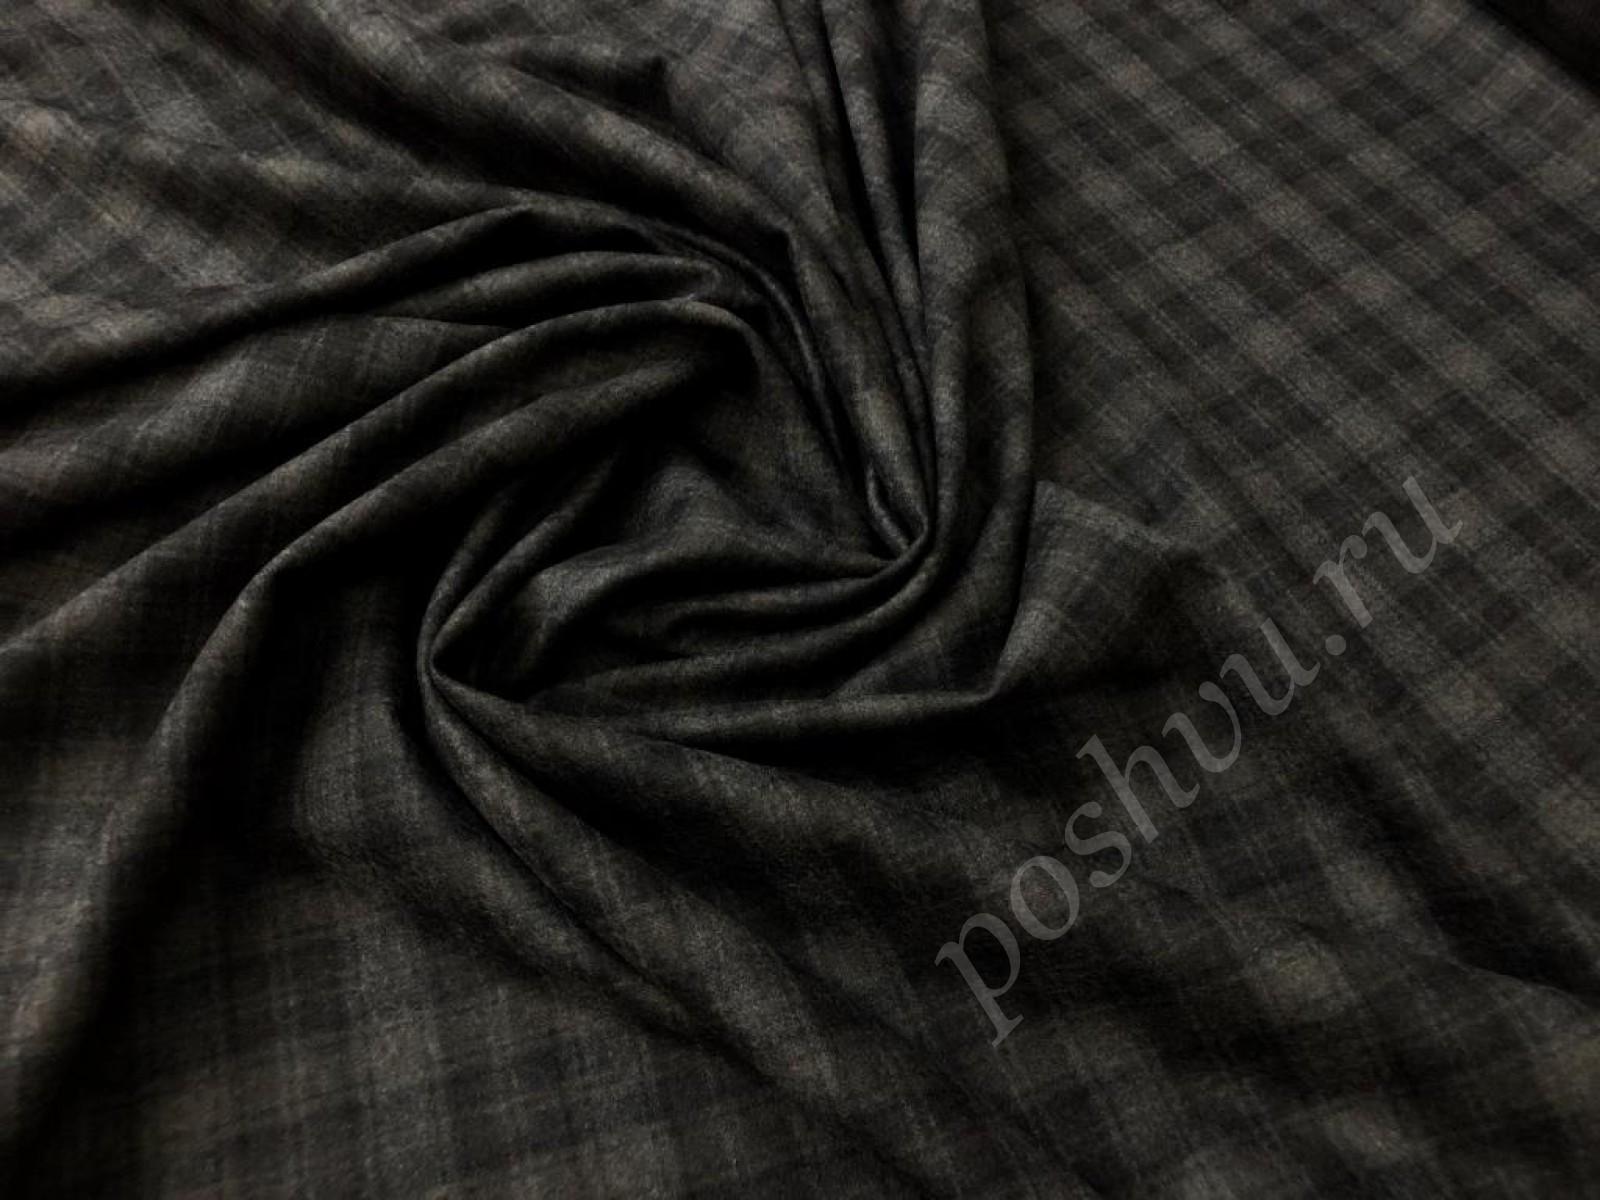 Фланелевая костюмная ткань купить по низкой цене в интернет магазине,  костюмная ткань в цвете коричневый